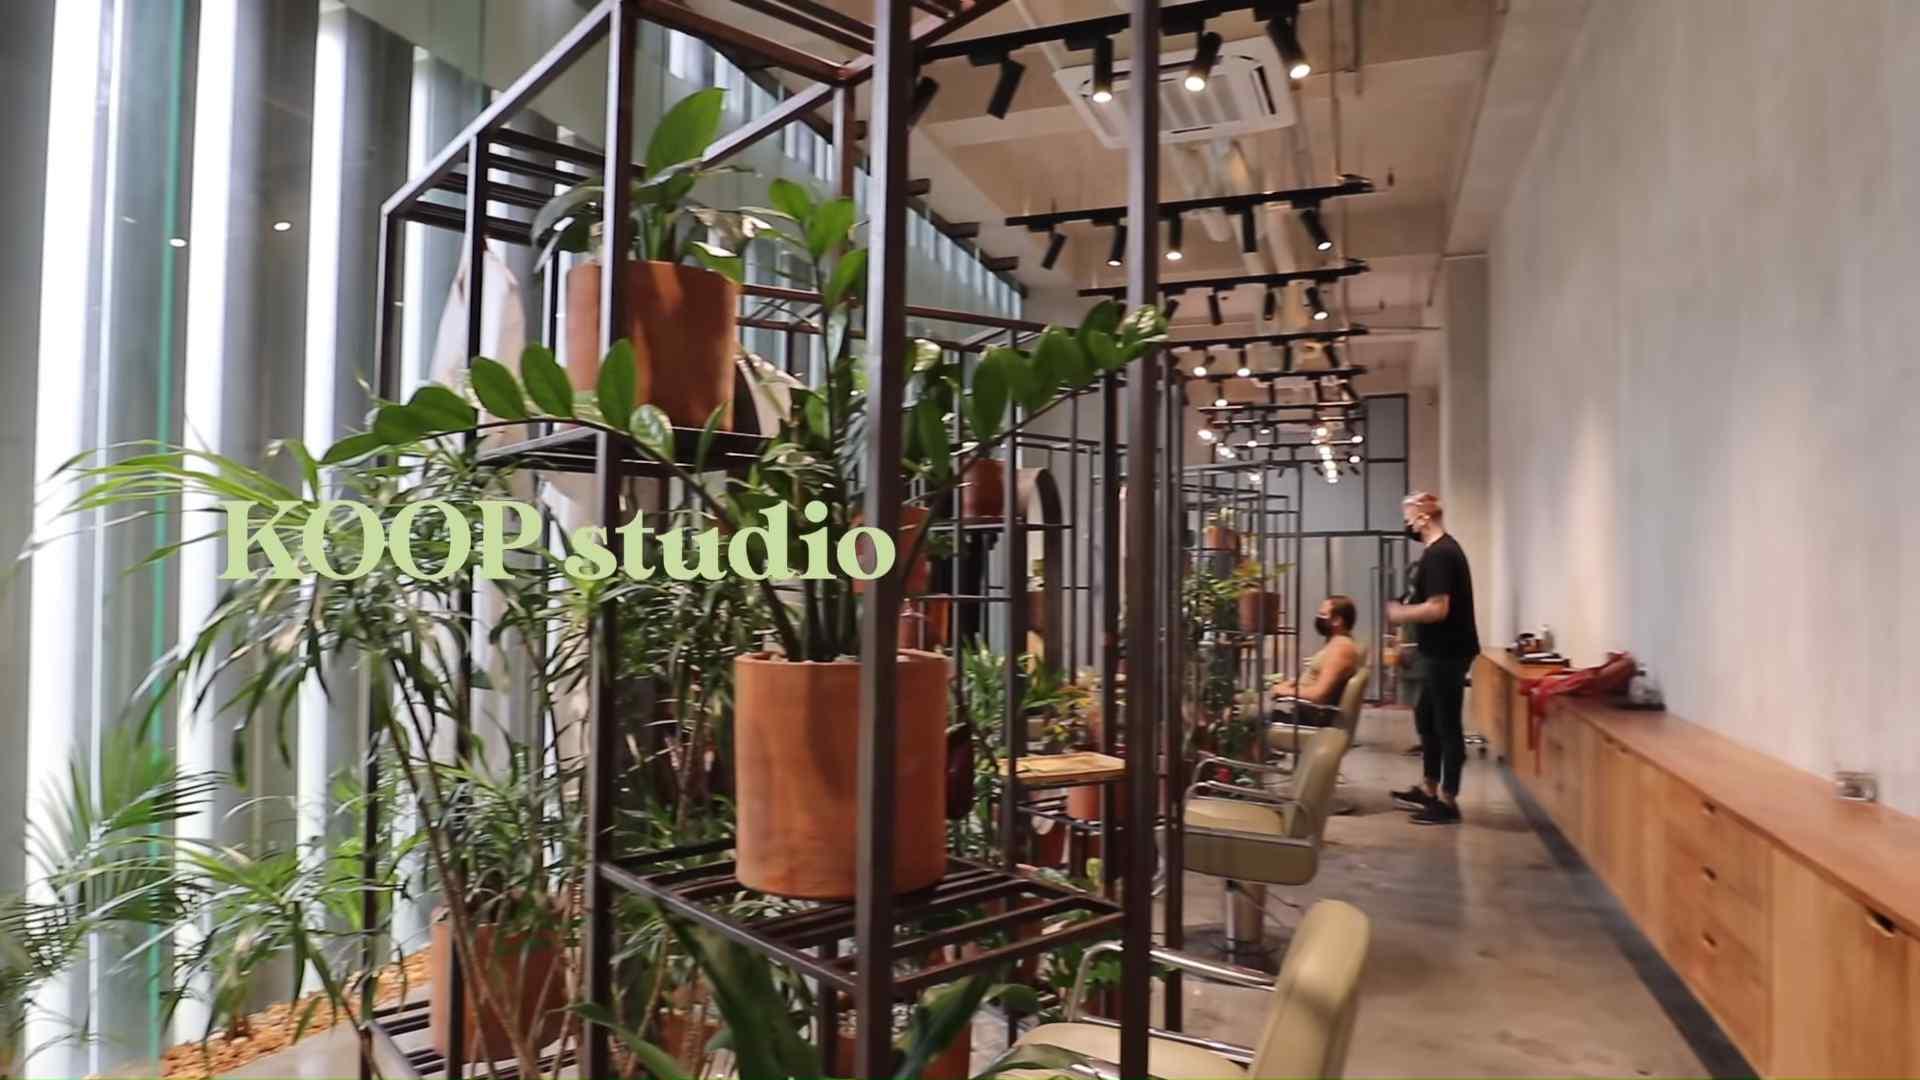 The Koop Studio